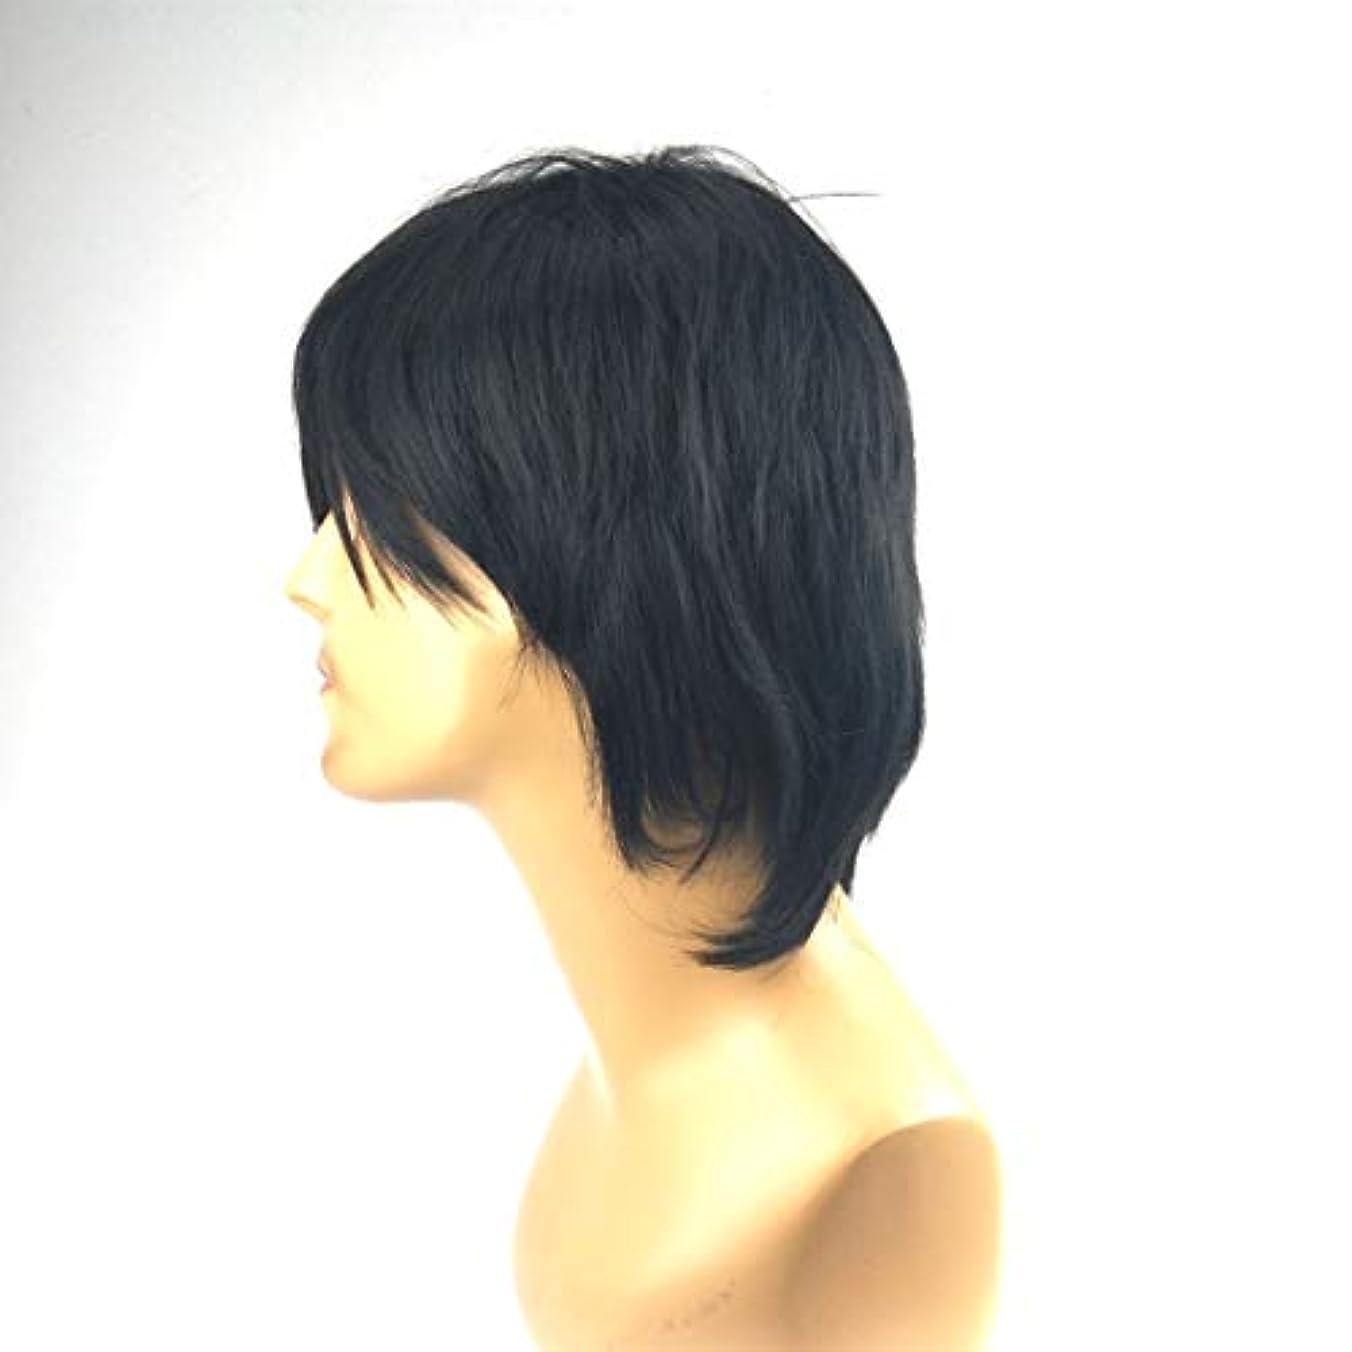 リフレッシュ患者好きKerwinner 斜め前髪付きメンズショートストレートヘアシルクケミカルファイバーウィッグ